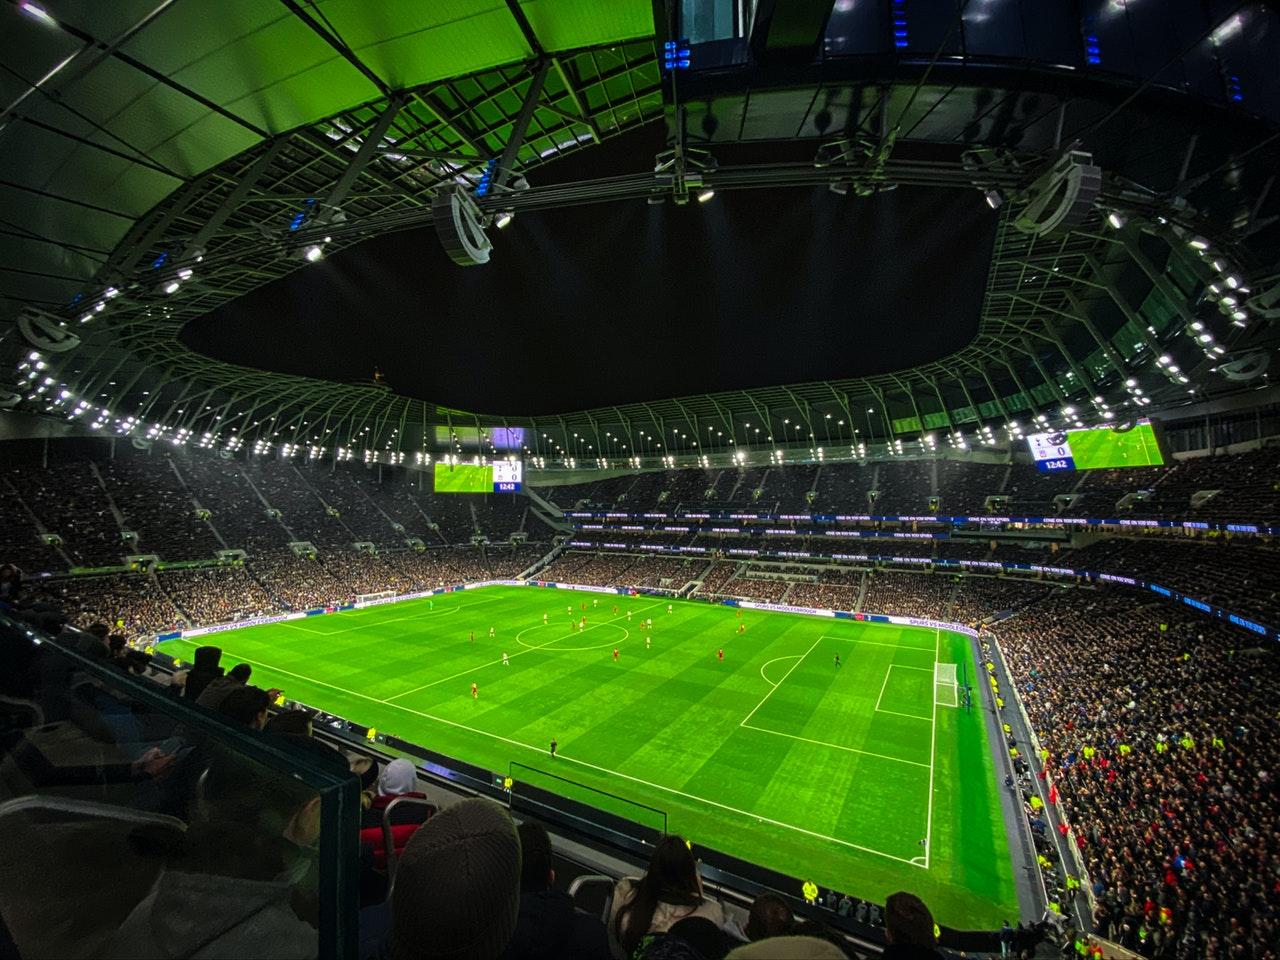 vista de campo de futebol sem jogadores com platéia lotada